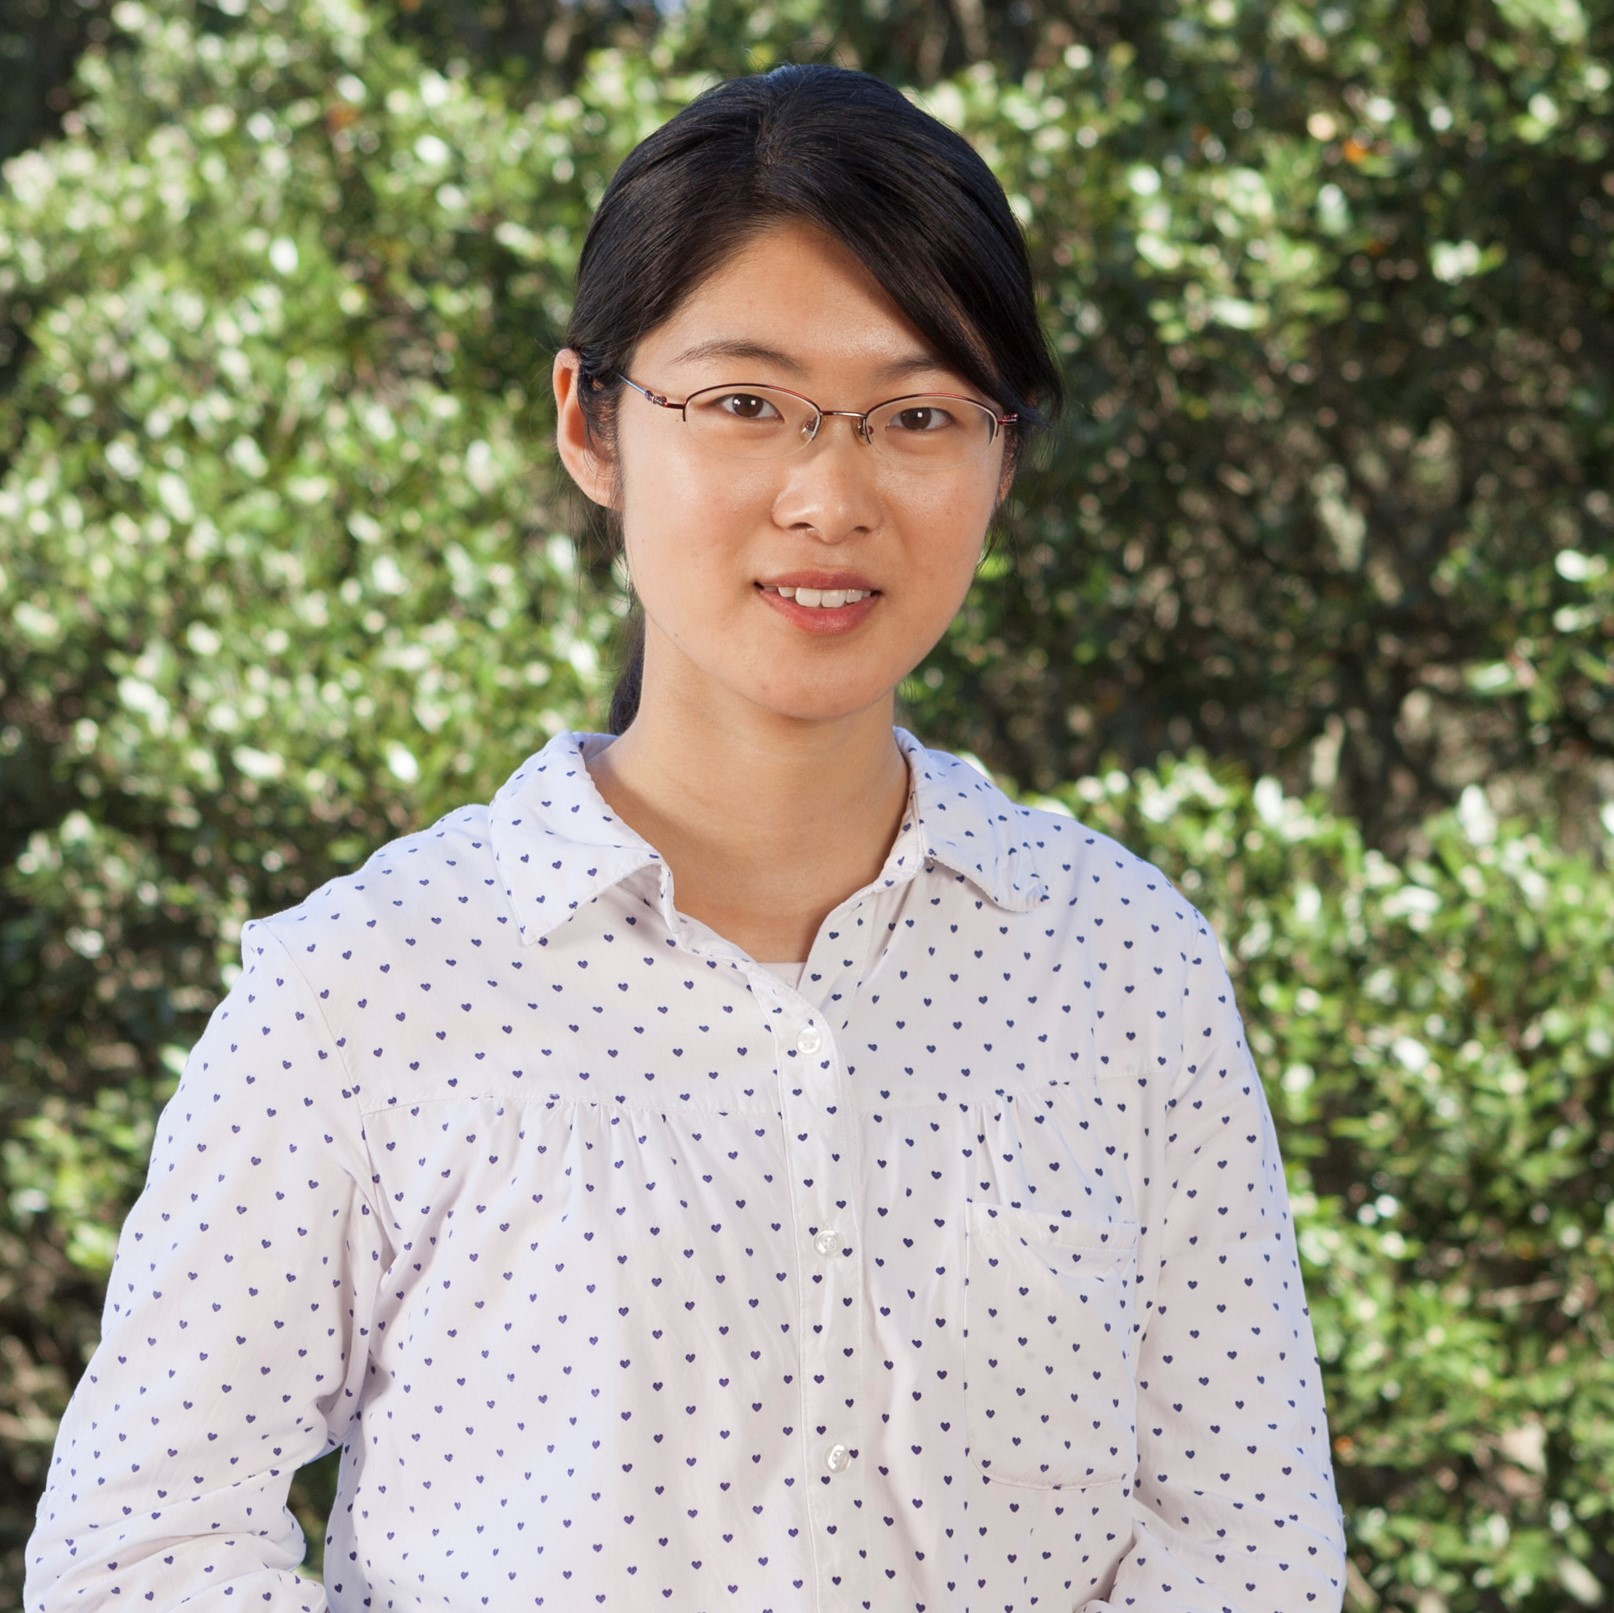 Julie Liu